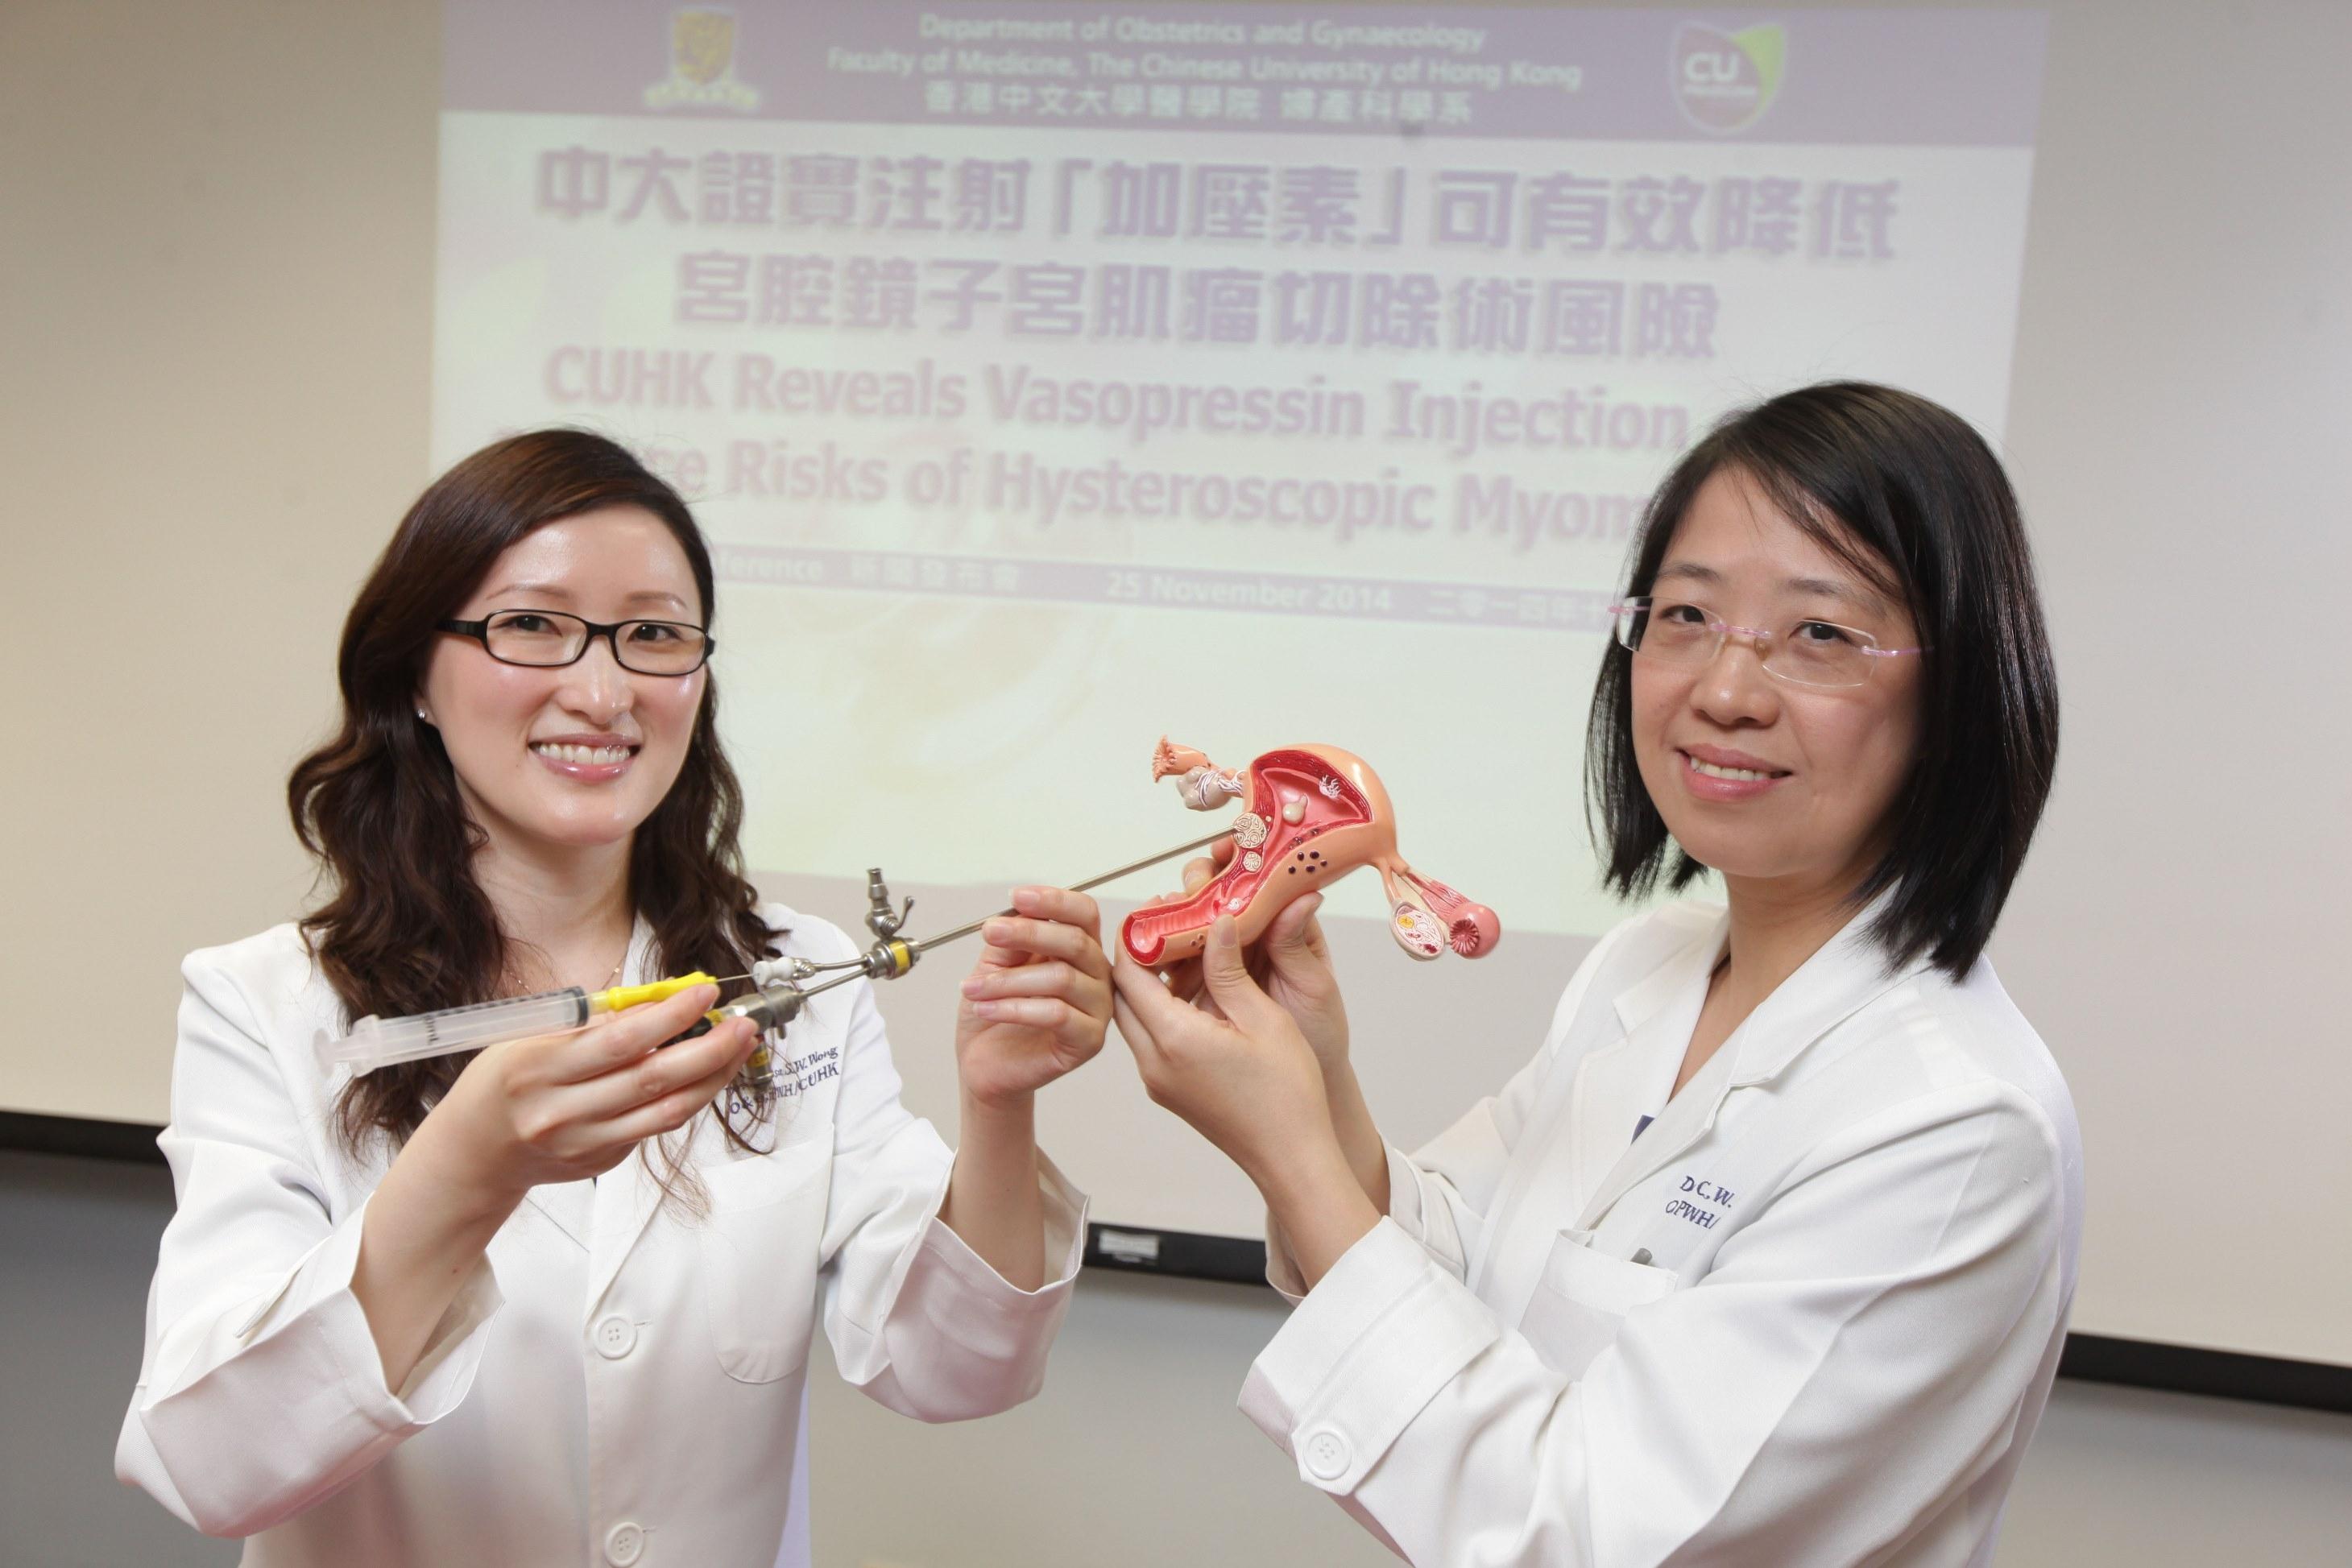 中大婦產科學系名譽臨床助理教授黃思慧醫生(左)手持的宮腔鏡和取卵針可將「加壓素」直接注射於「黏膜下肌瘤」,有助減低進行「宮腔鏡子宮肌瘤切除術」時吸收過量液體的風險。